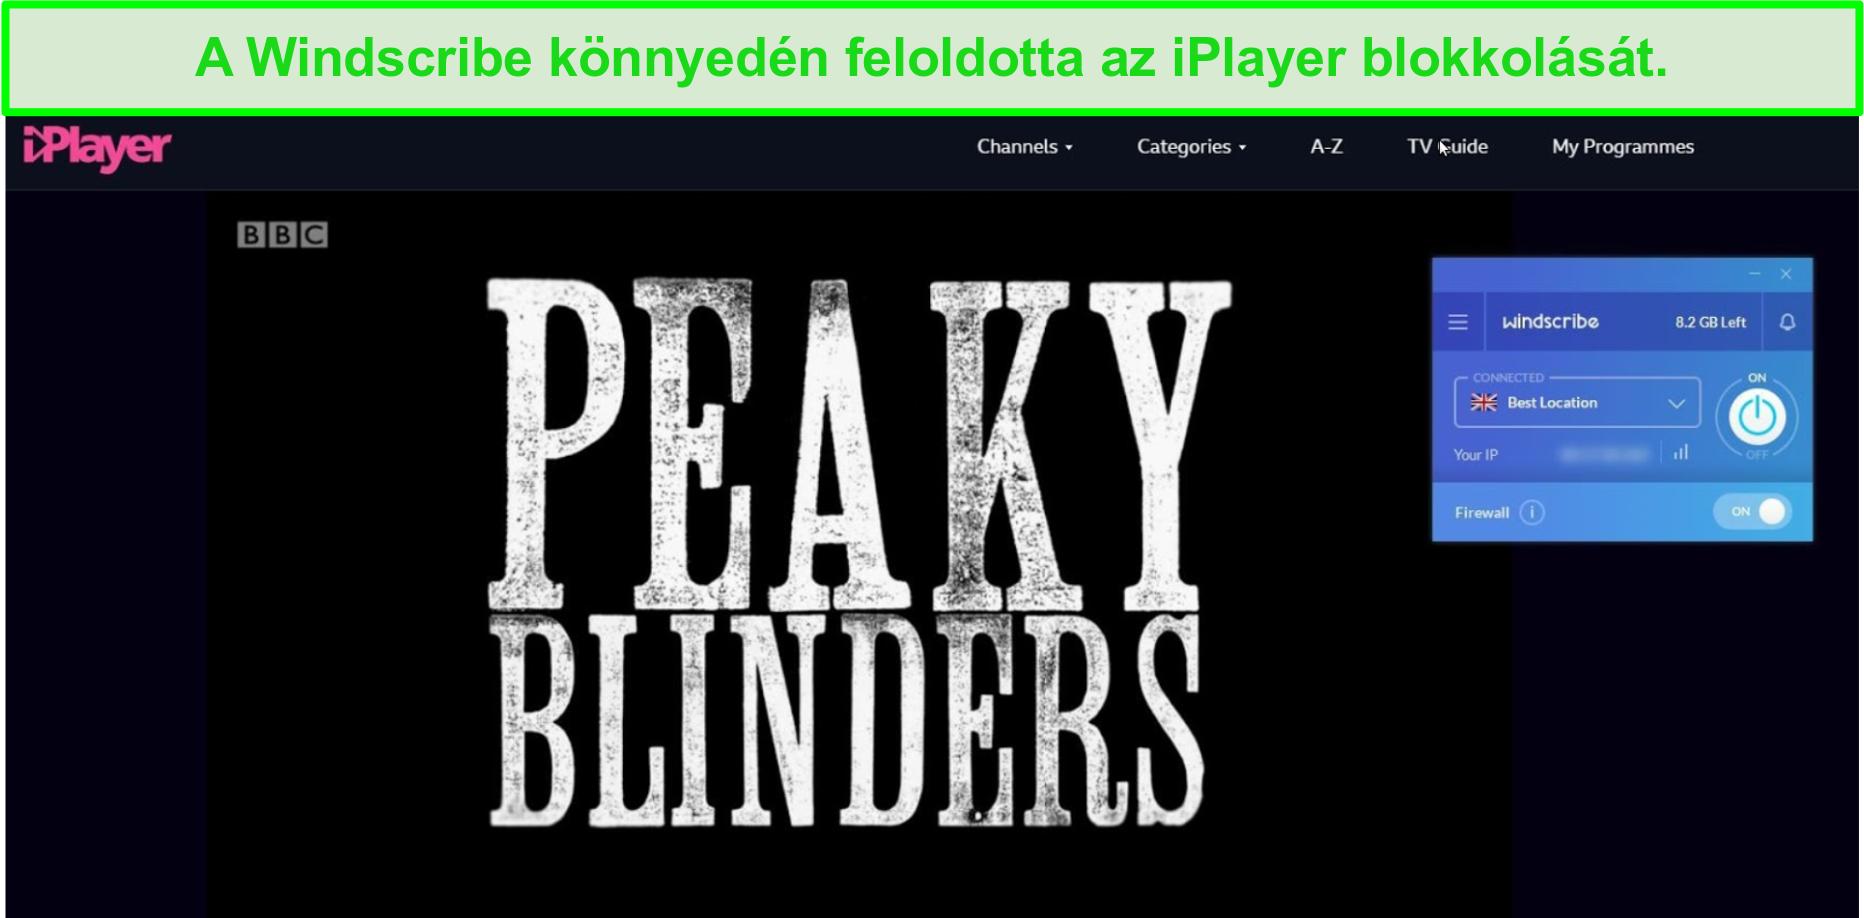 A képernyőképe megmutatja a BBC iPlayer nézetének képességét a Windscribe használatával